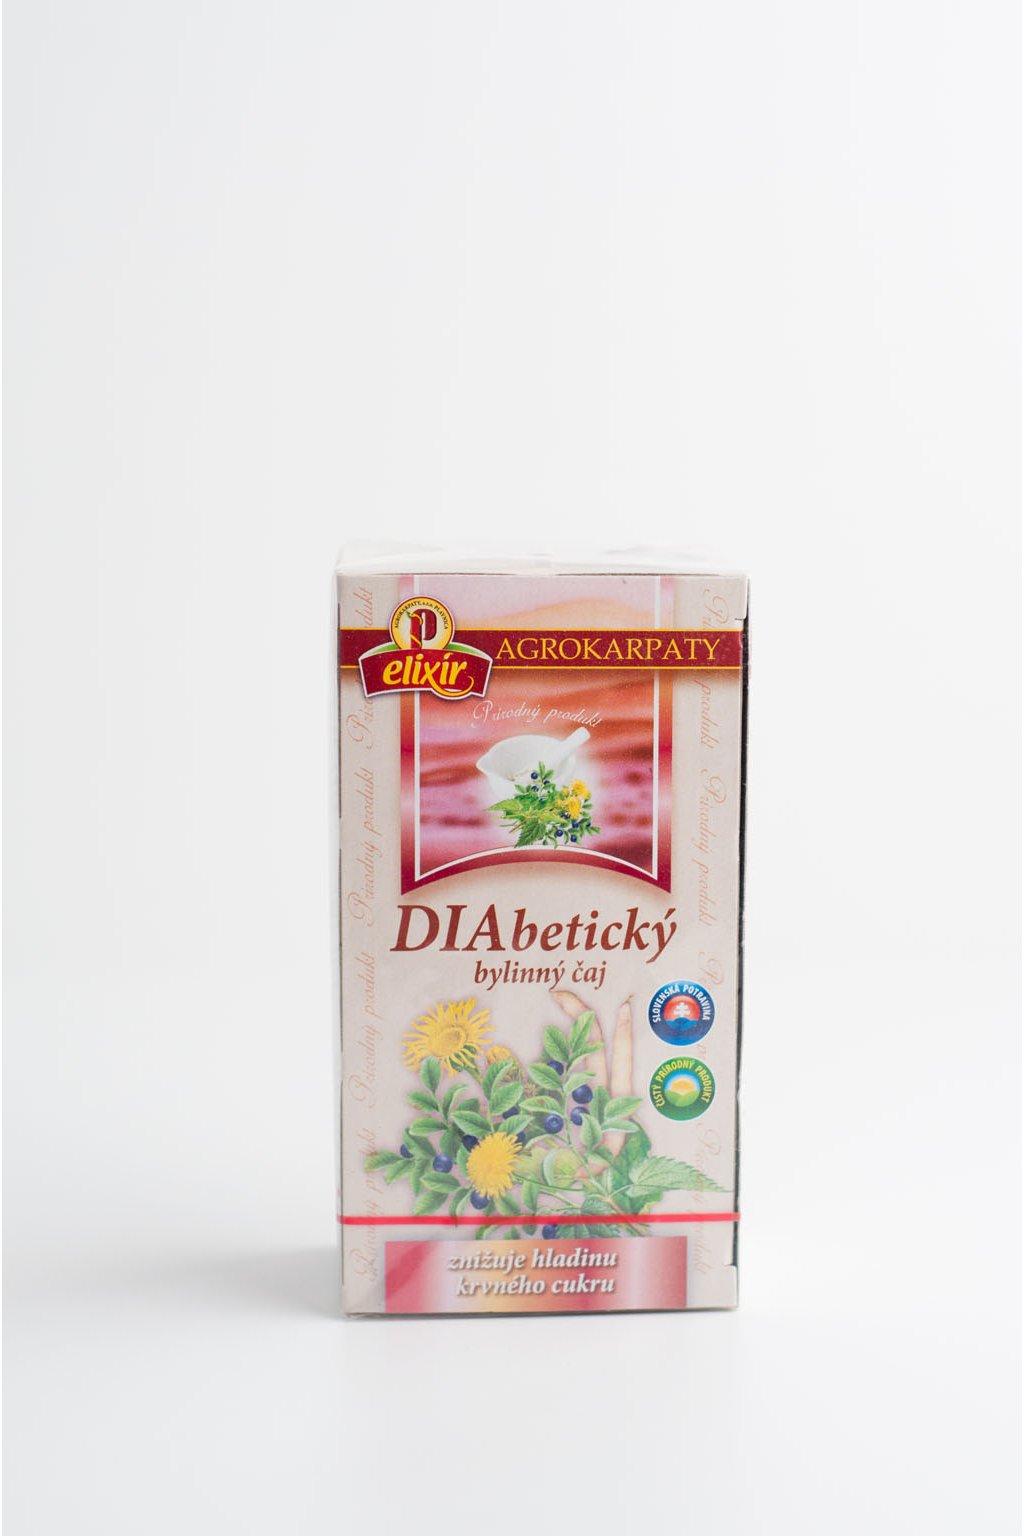 DIAbetický - 20x2g